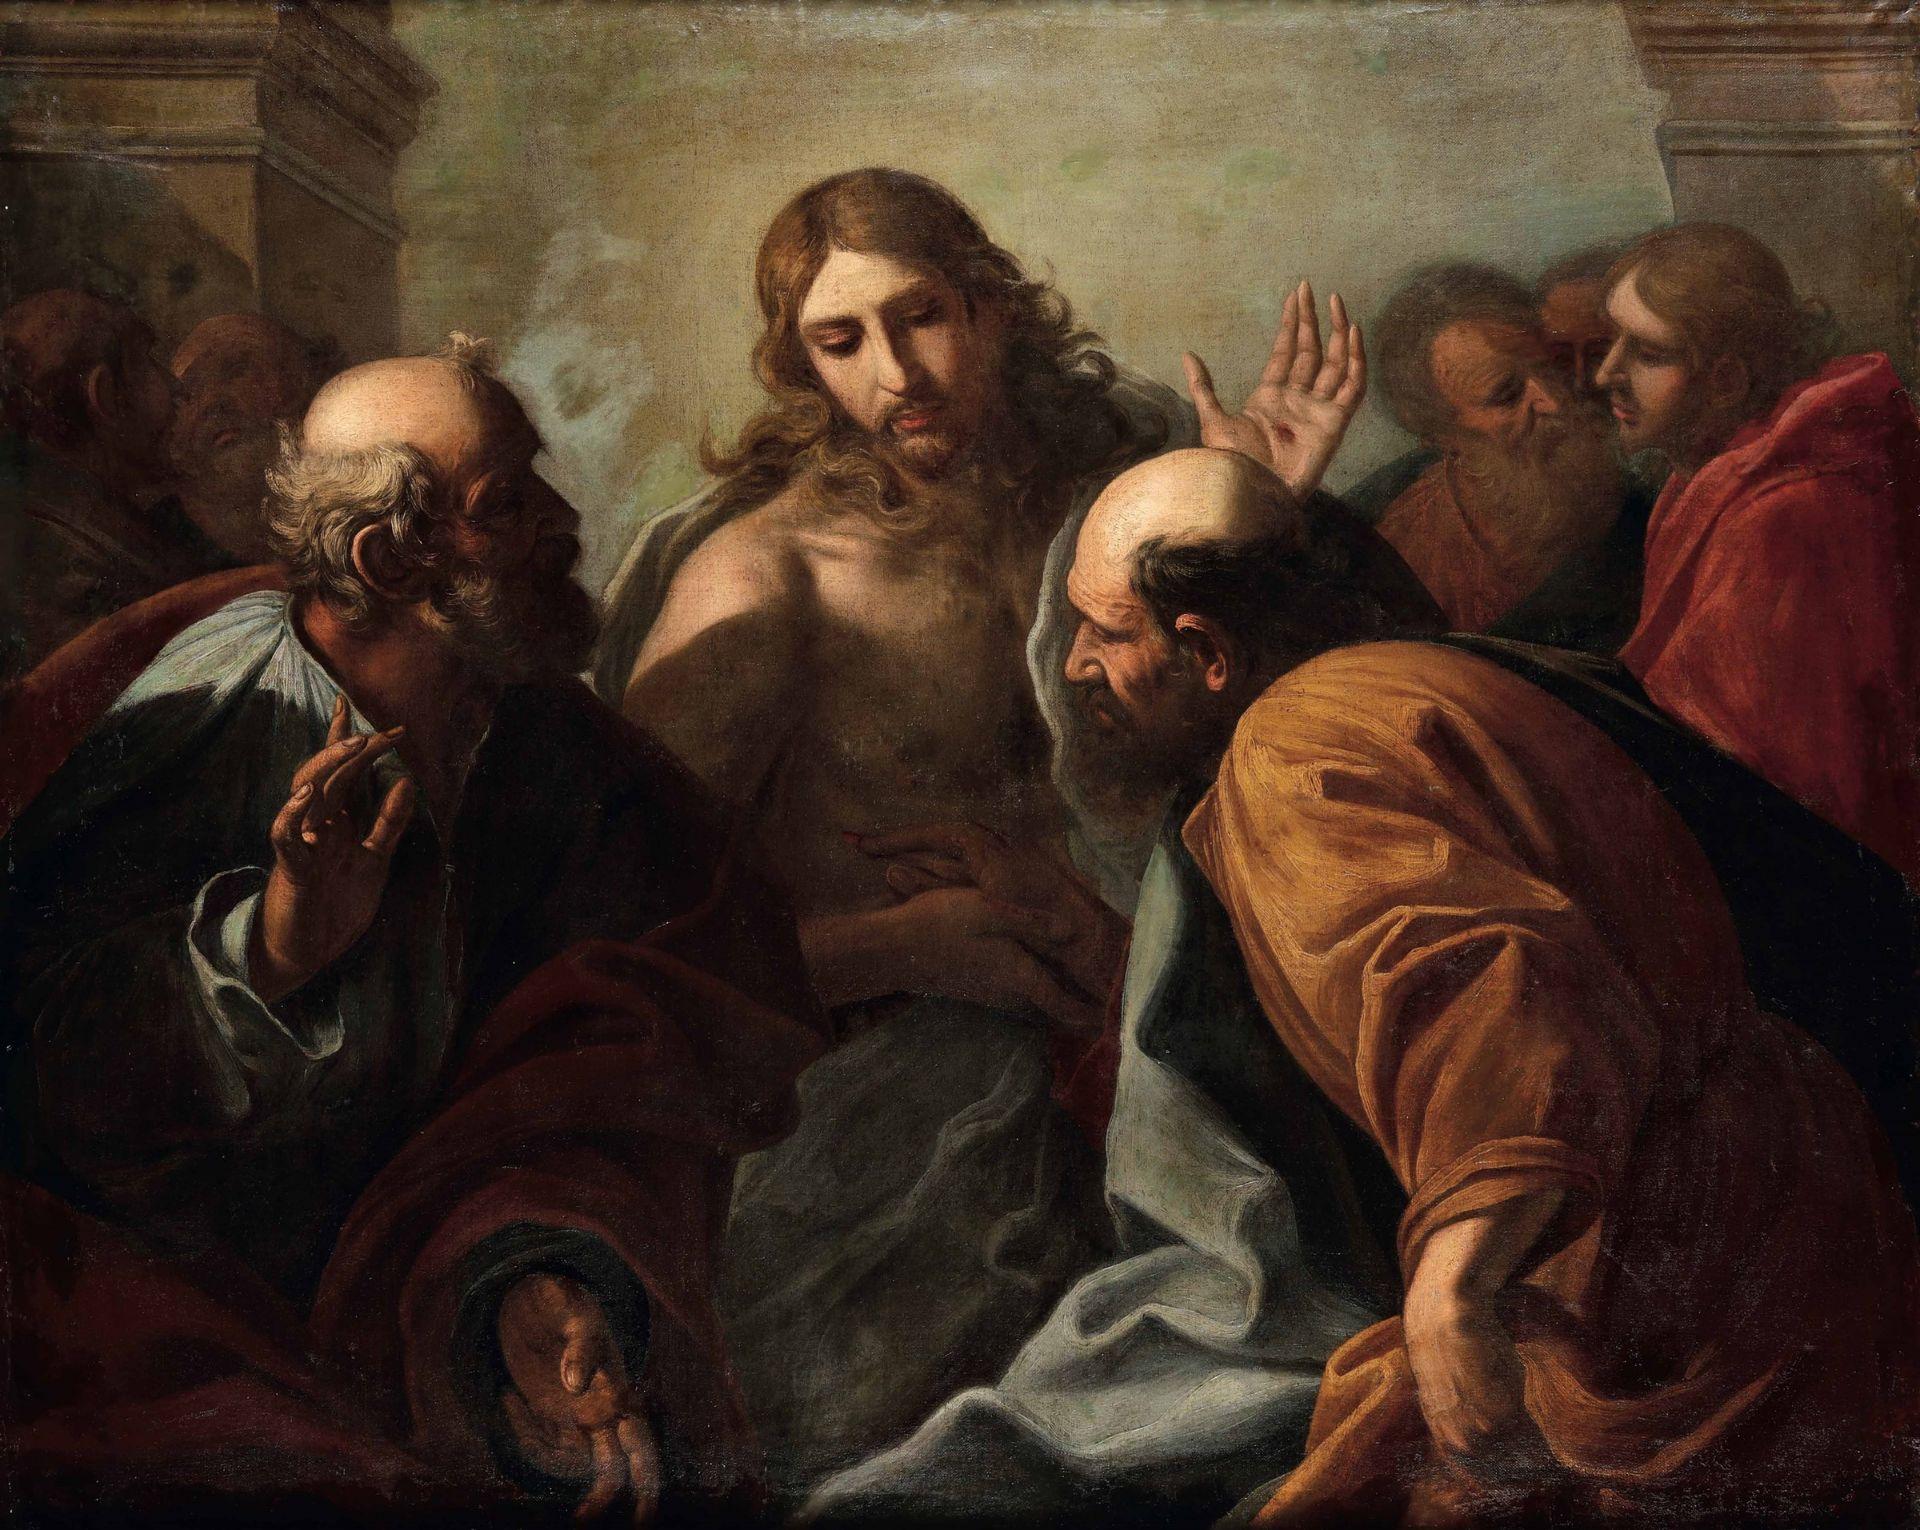 Los 23 - Scuola veneta del XVIII secolo, L'incredulità di San Tommaso - olio su tela, cm [...]